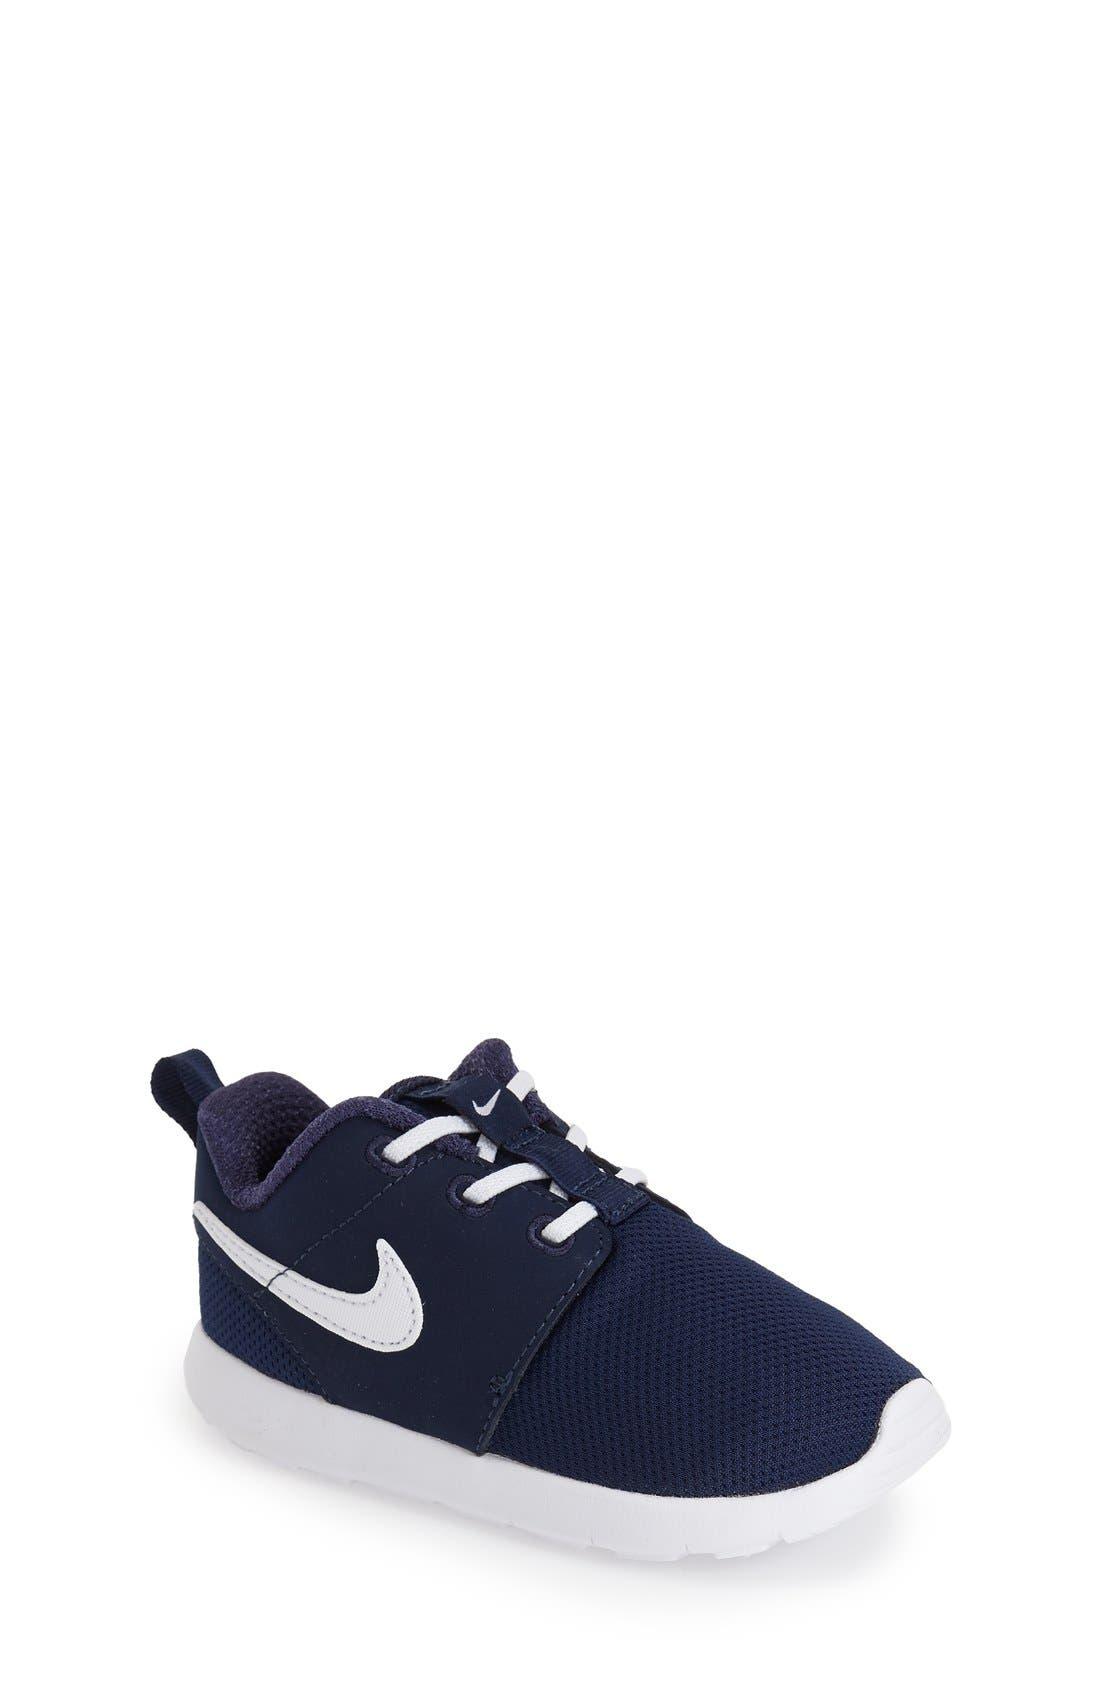 NIKE 'Roshe Run' Sneaker